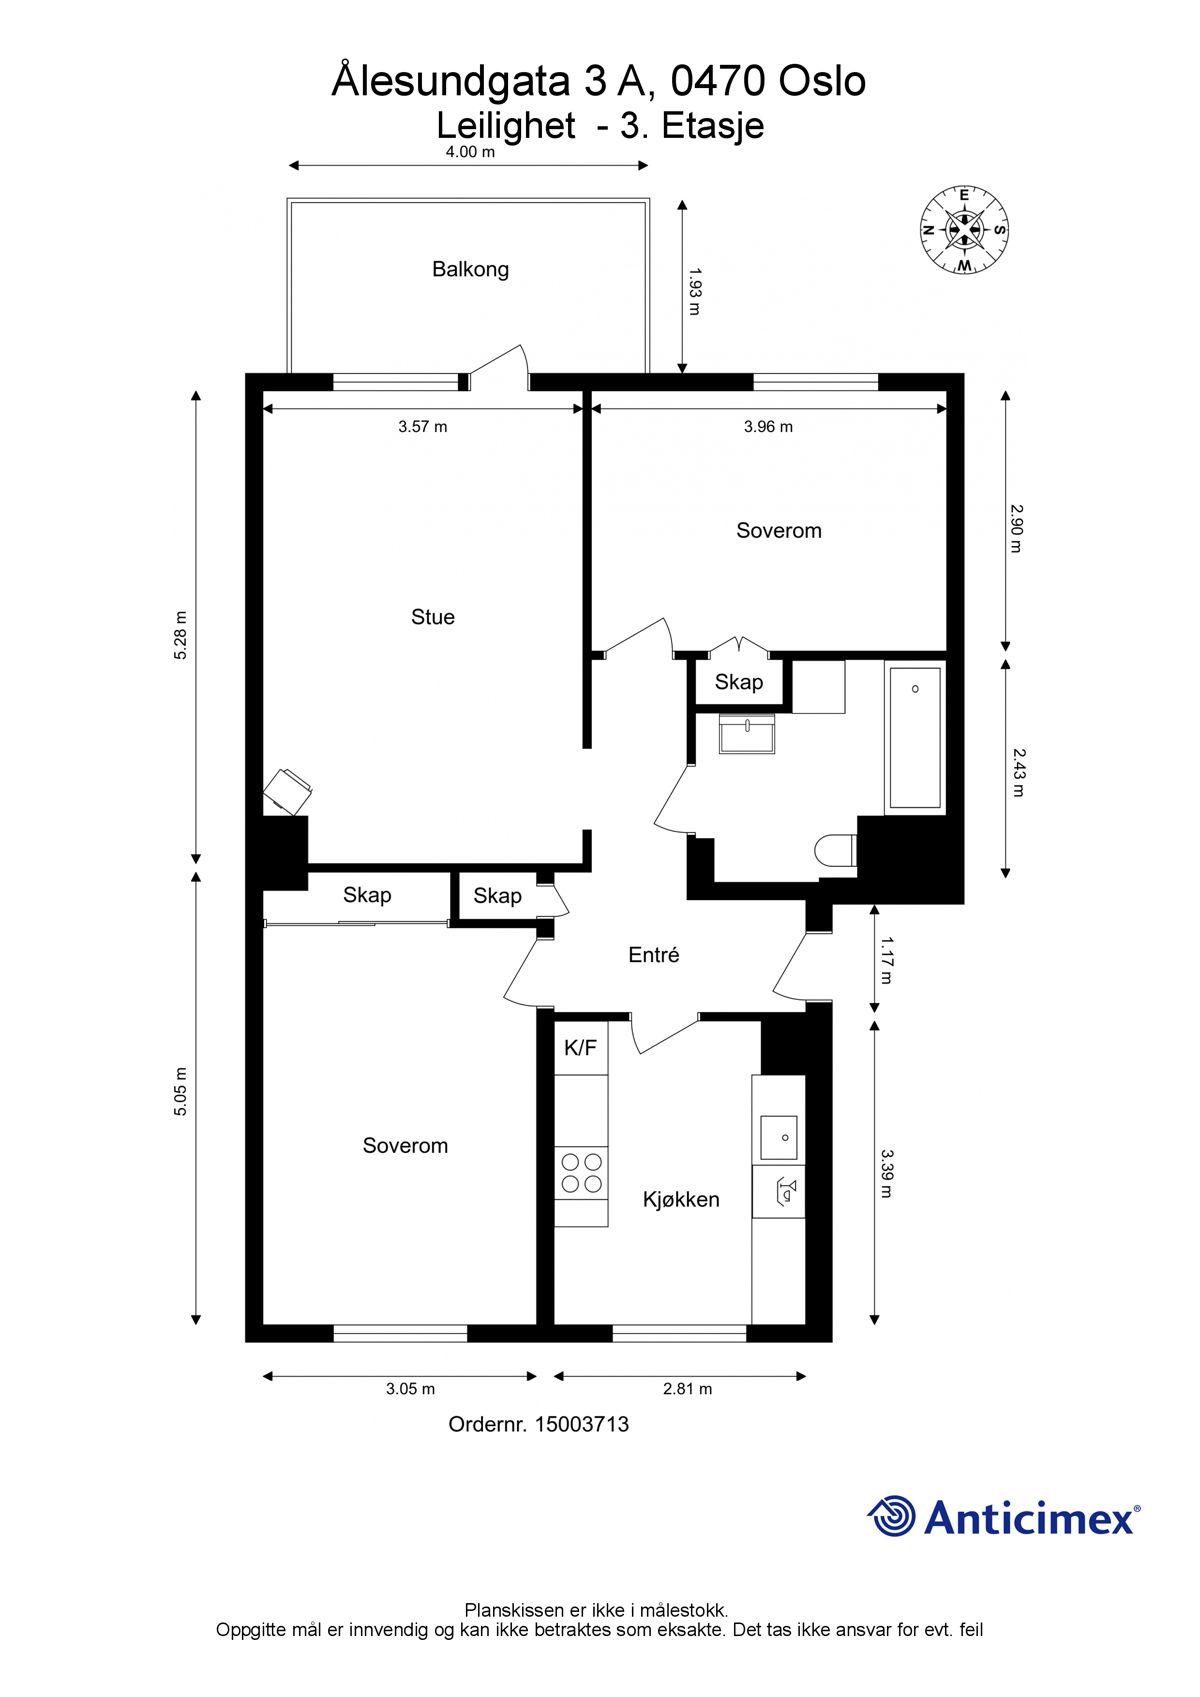 Ålesundgata 3 A Plantegning. I tillegg disponerer leiligheten to kjellerboder på henholdsvis ca. 4,7m² og ca. 2m², samt en loftsbod med gulvareal på ca. 7,5m².